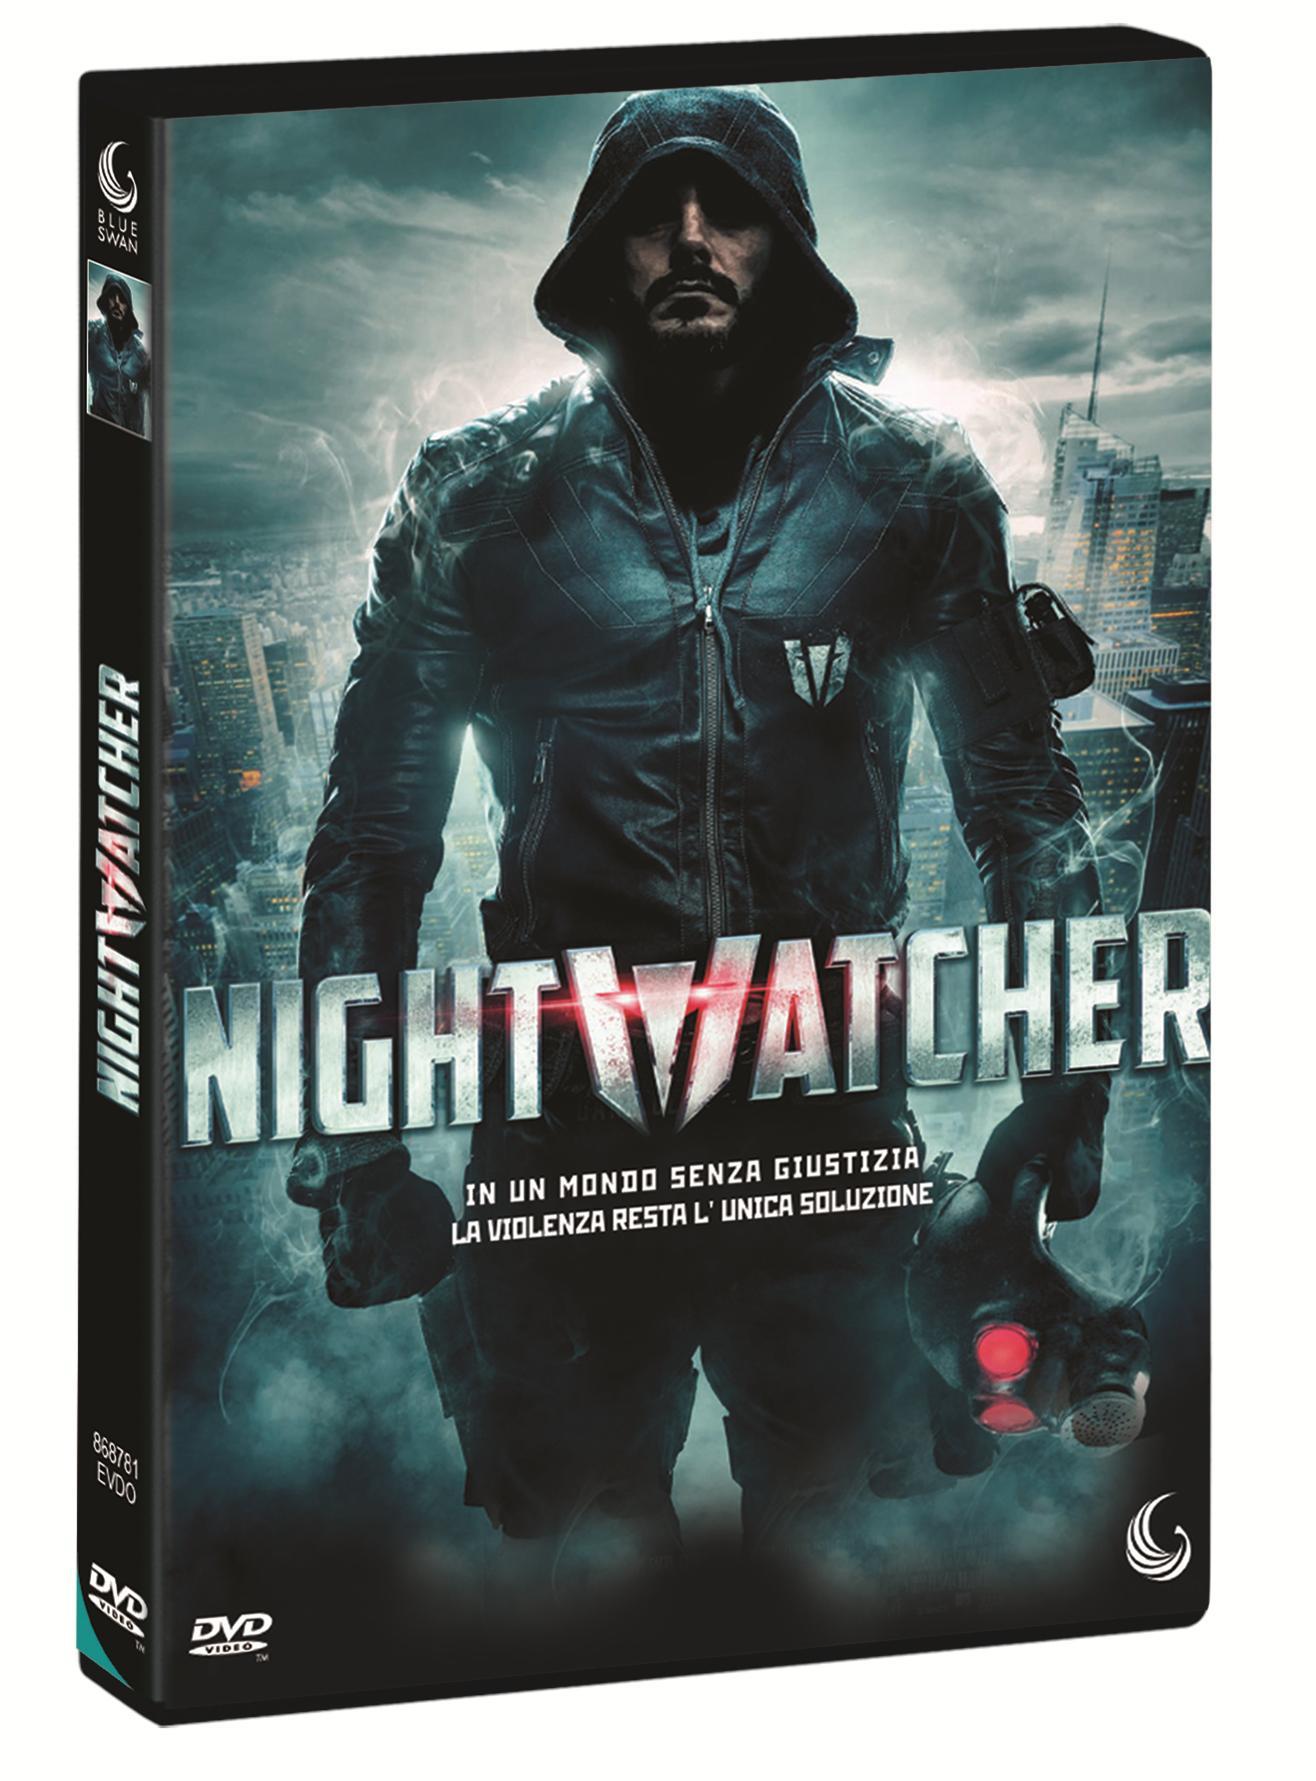 NIGHTWATCHER (DVD)